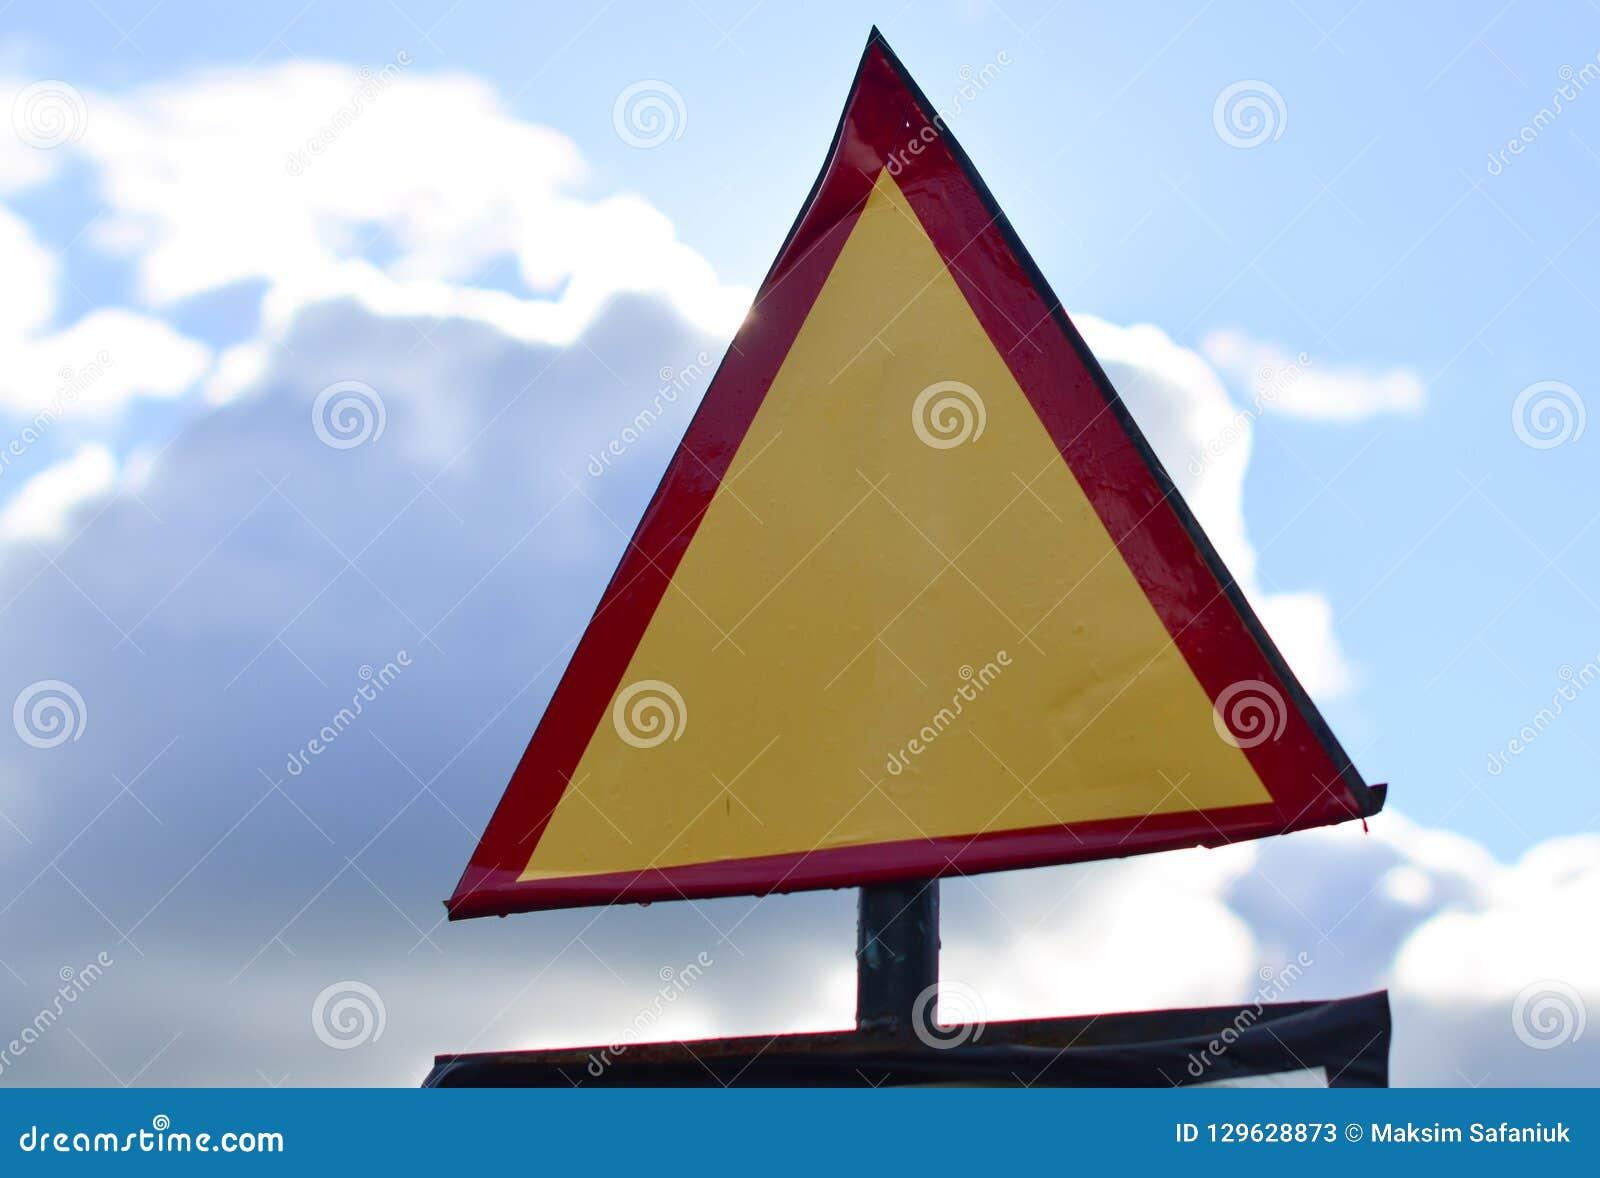 Segnale stradale triangolare su un fondo del cielo